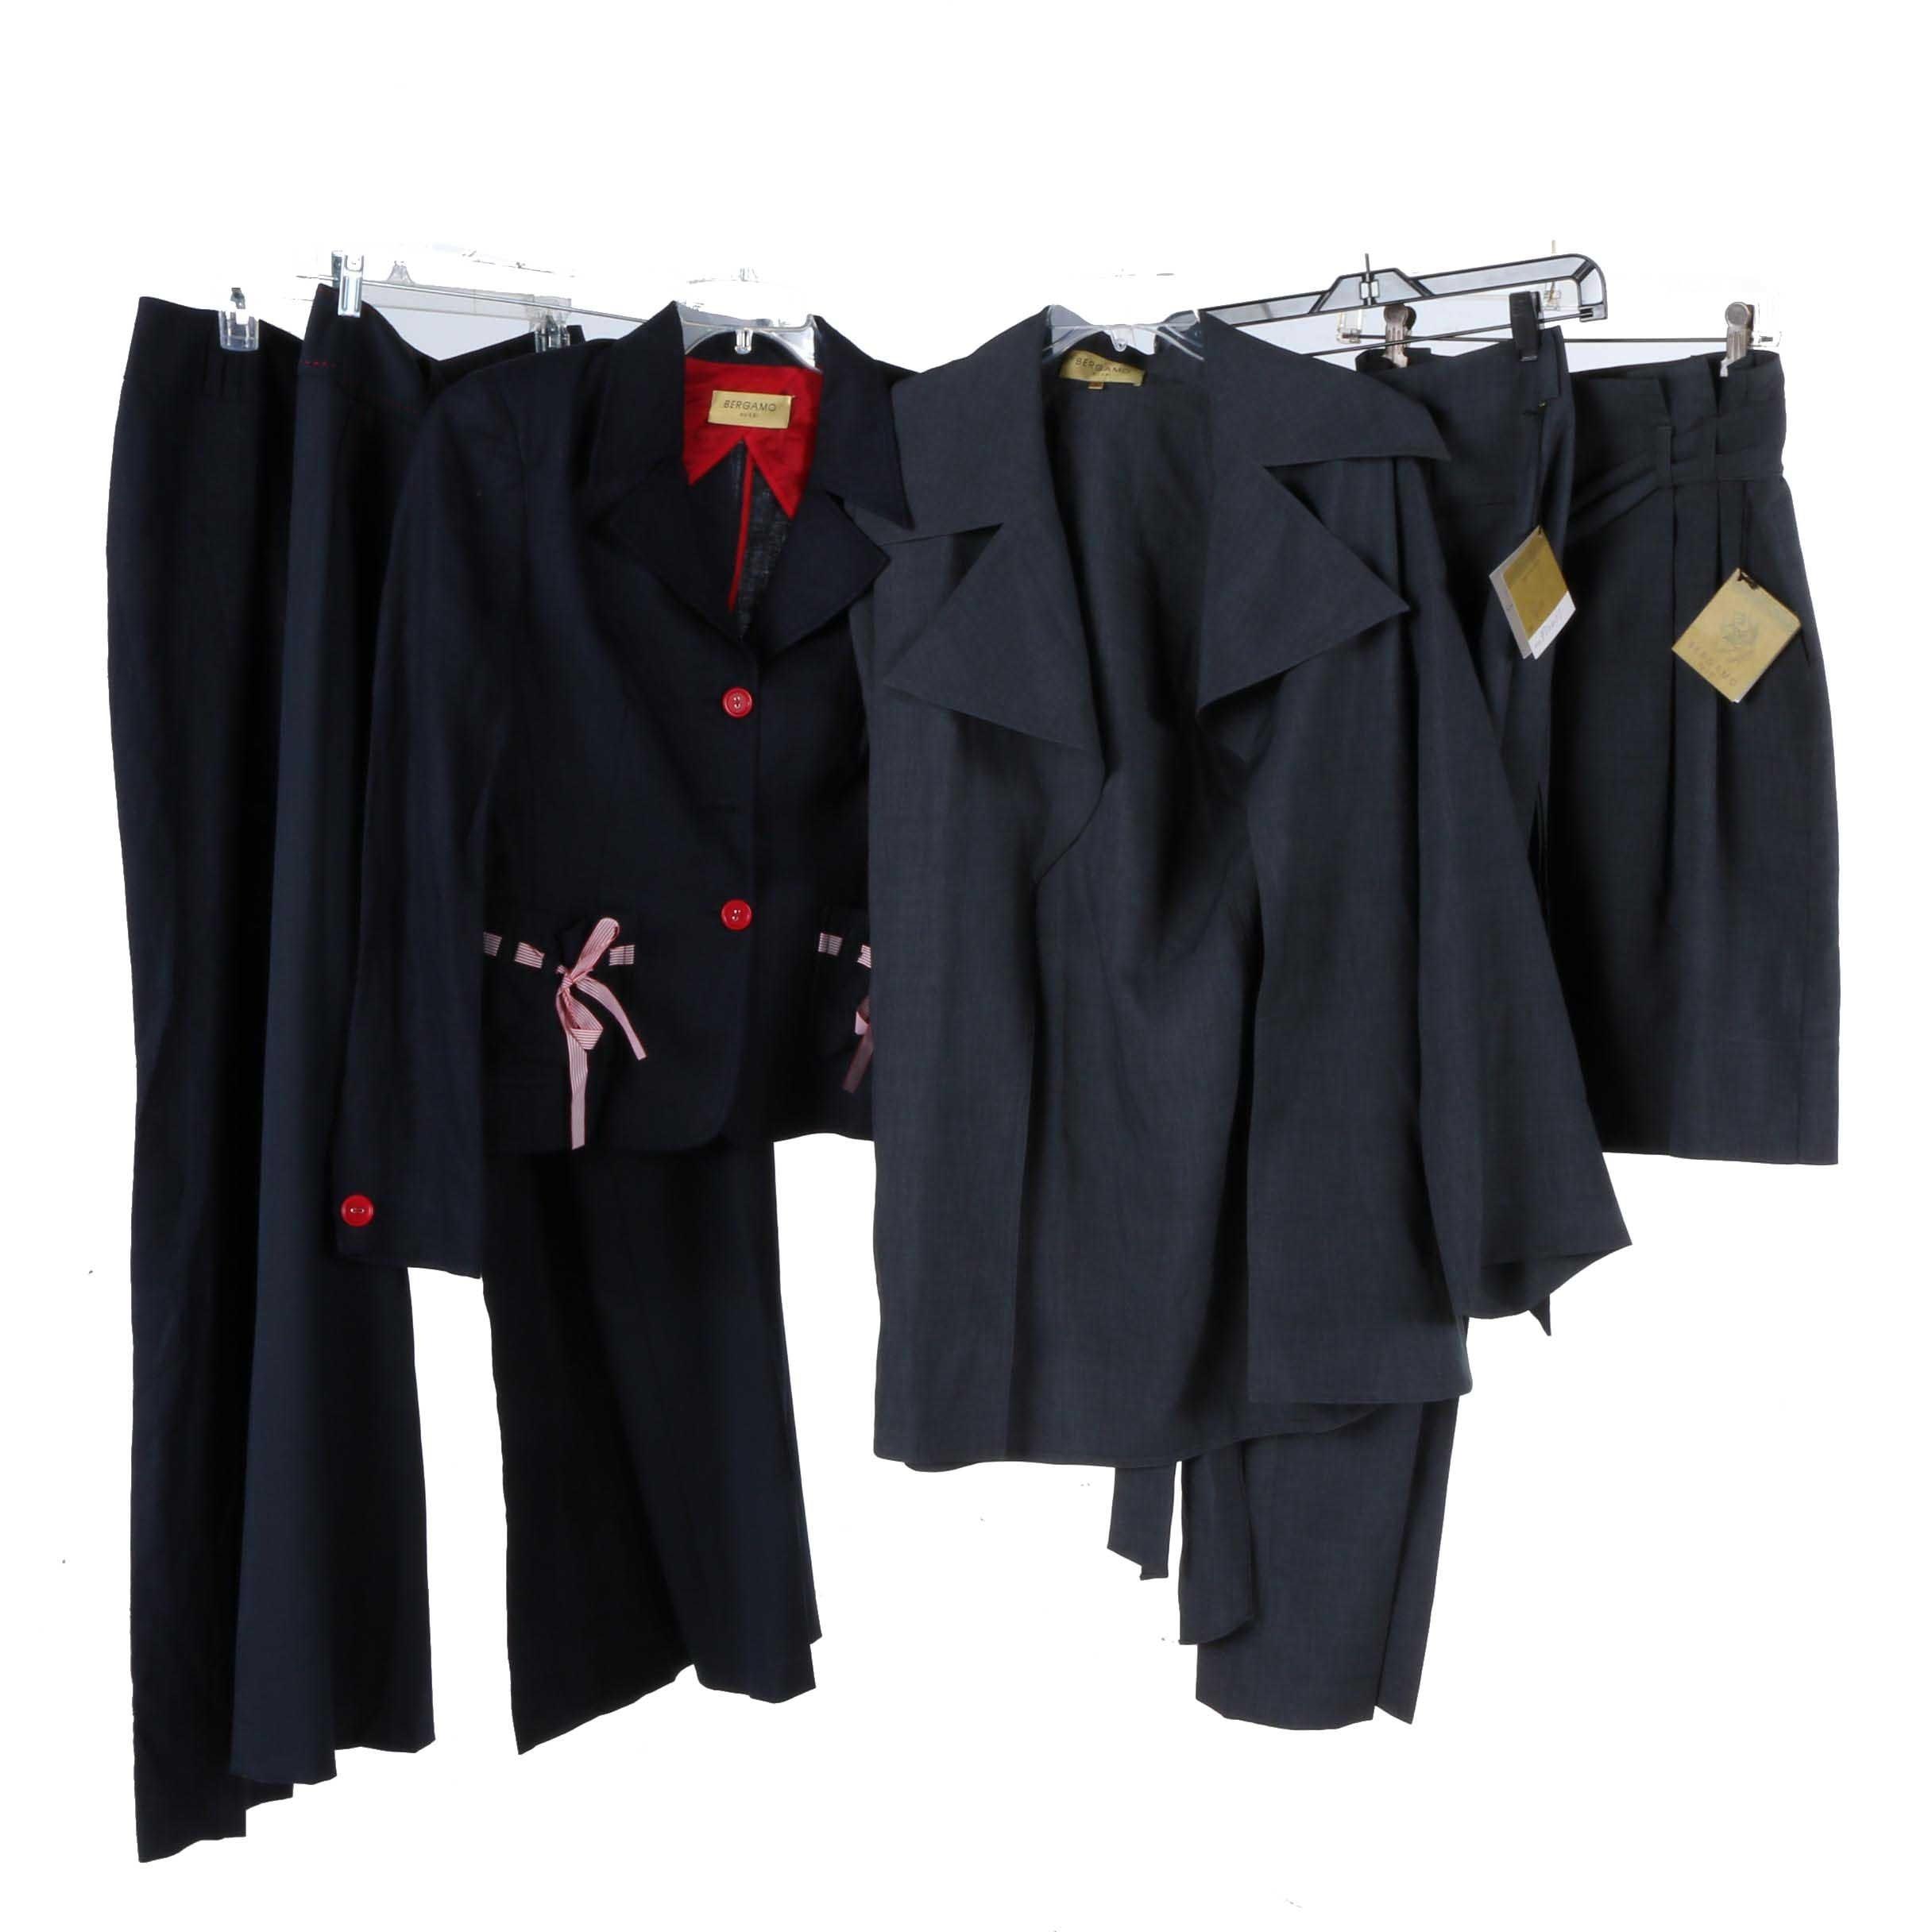 Bergamo Women's Formal Wear